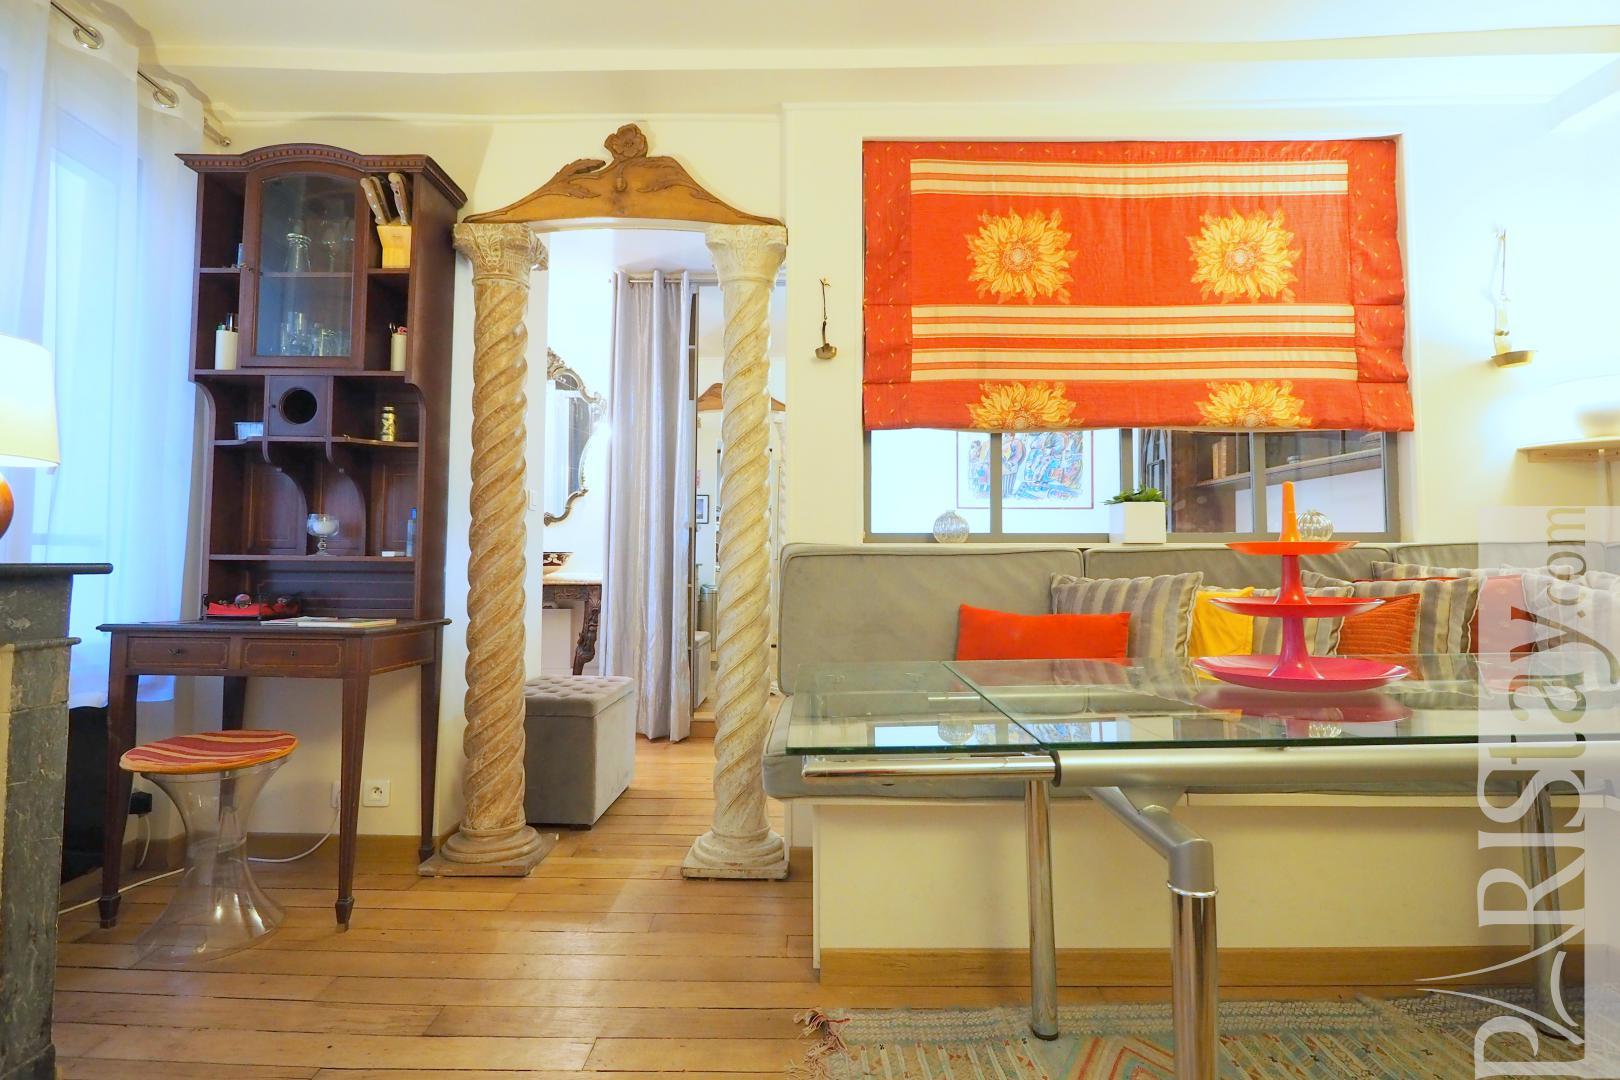 Location appartement meubl paris t2 batignolles une chambre for Location paris meuble